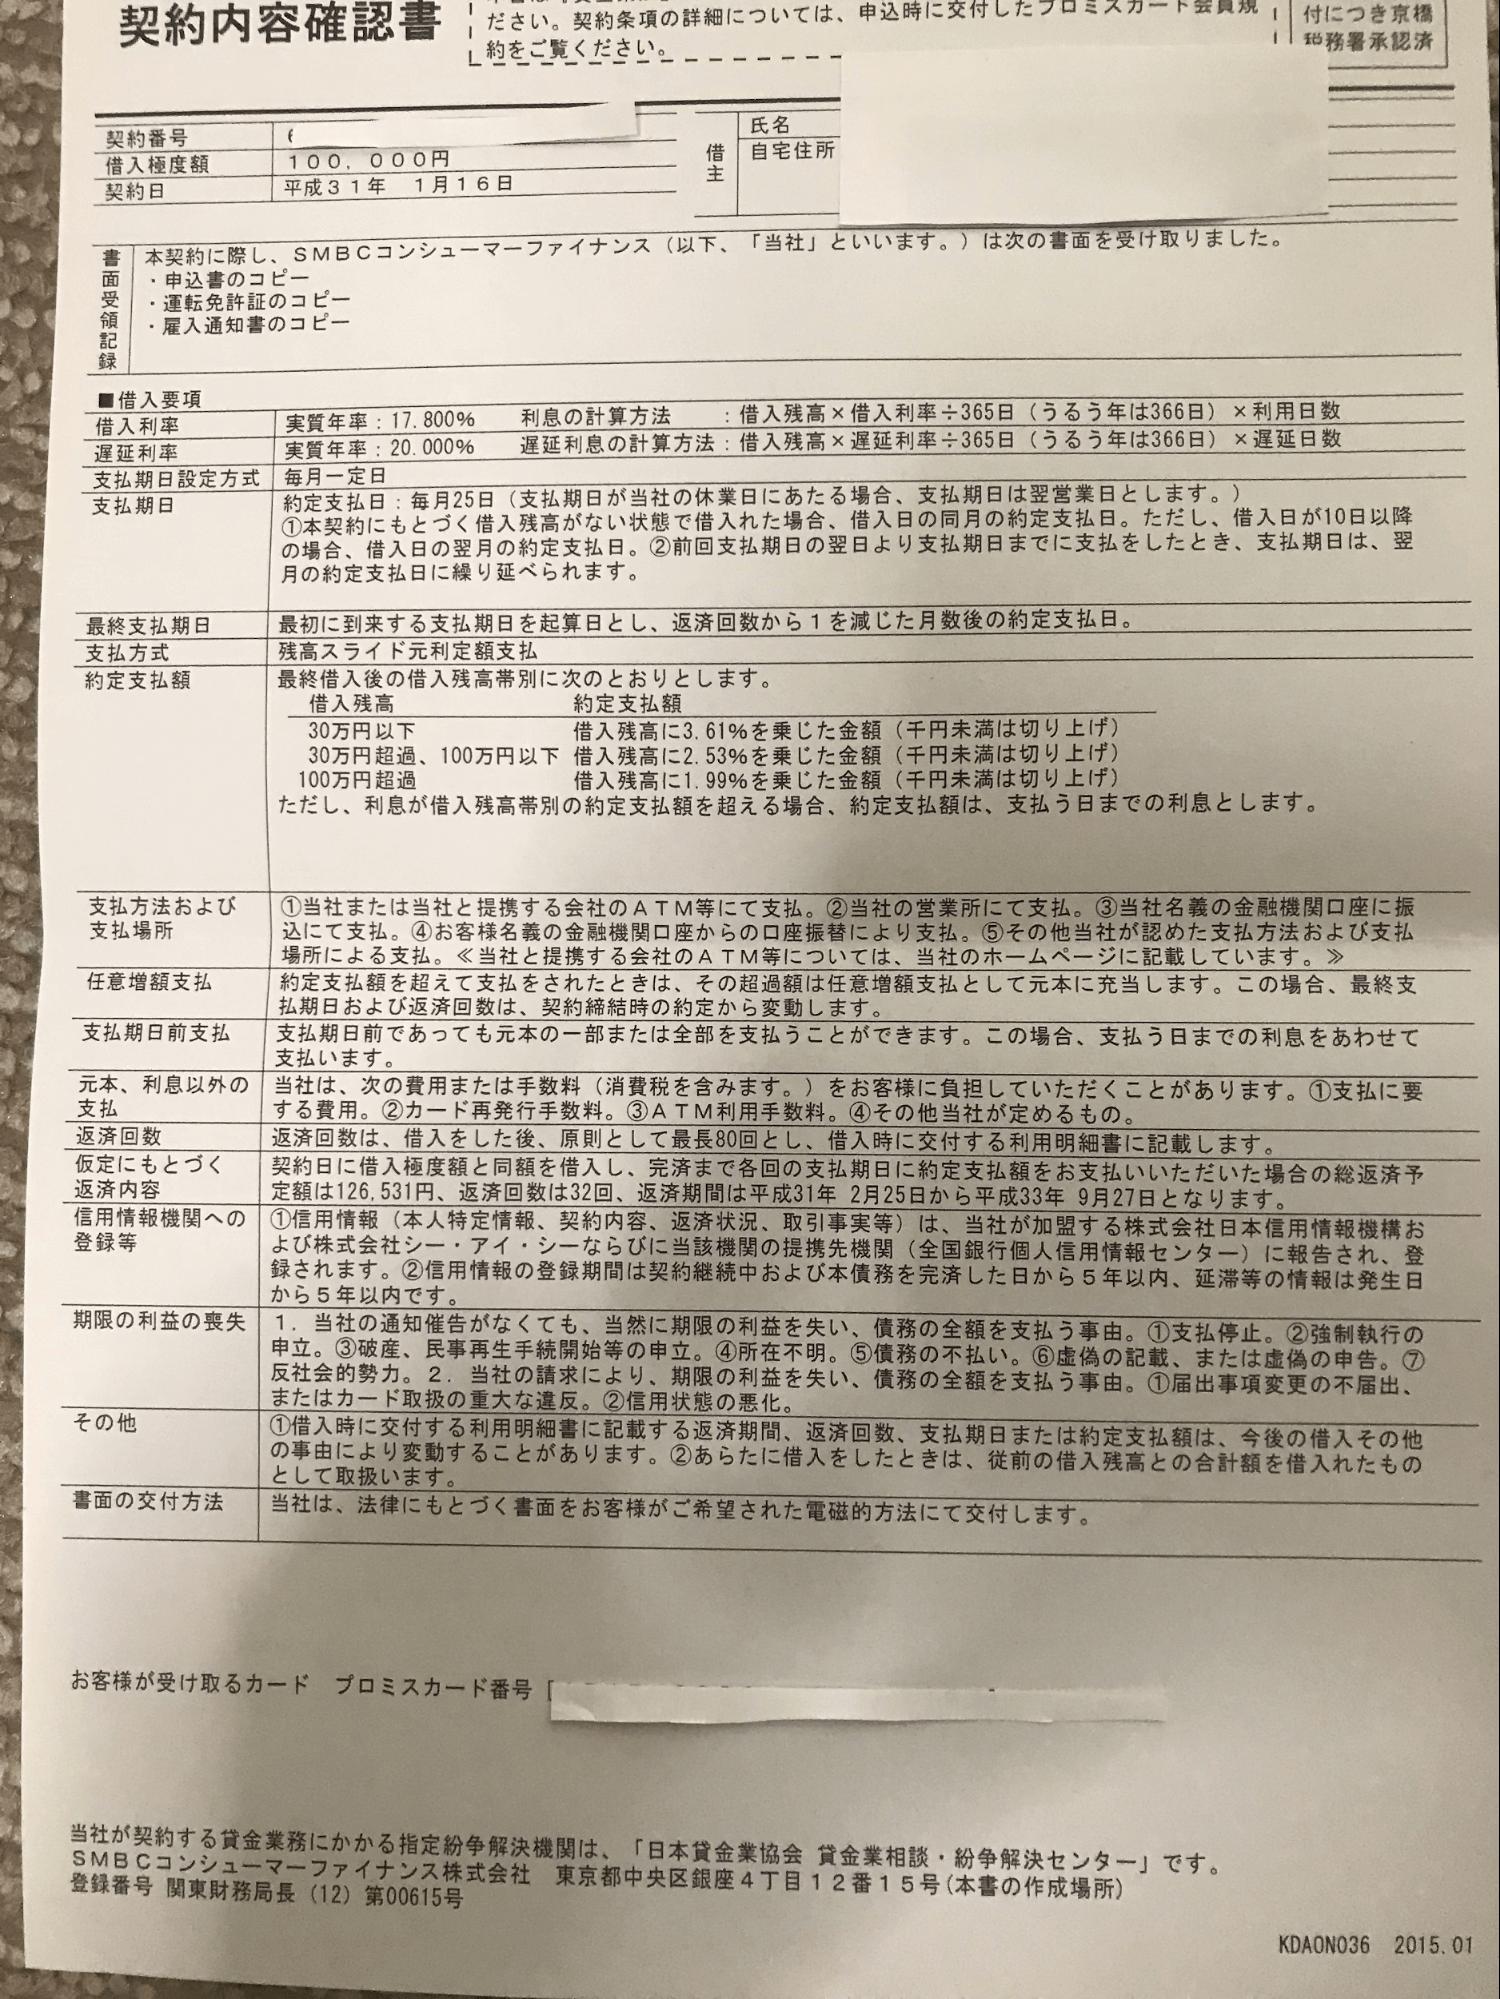 プロミスユーザーAさんの契約内容確認書